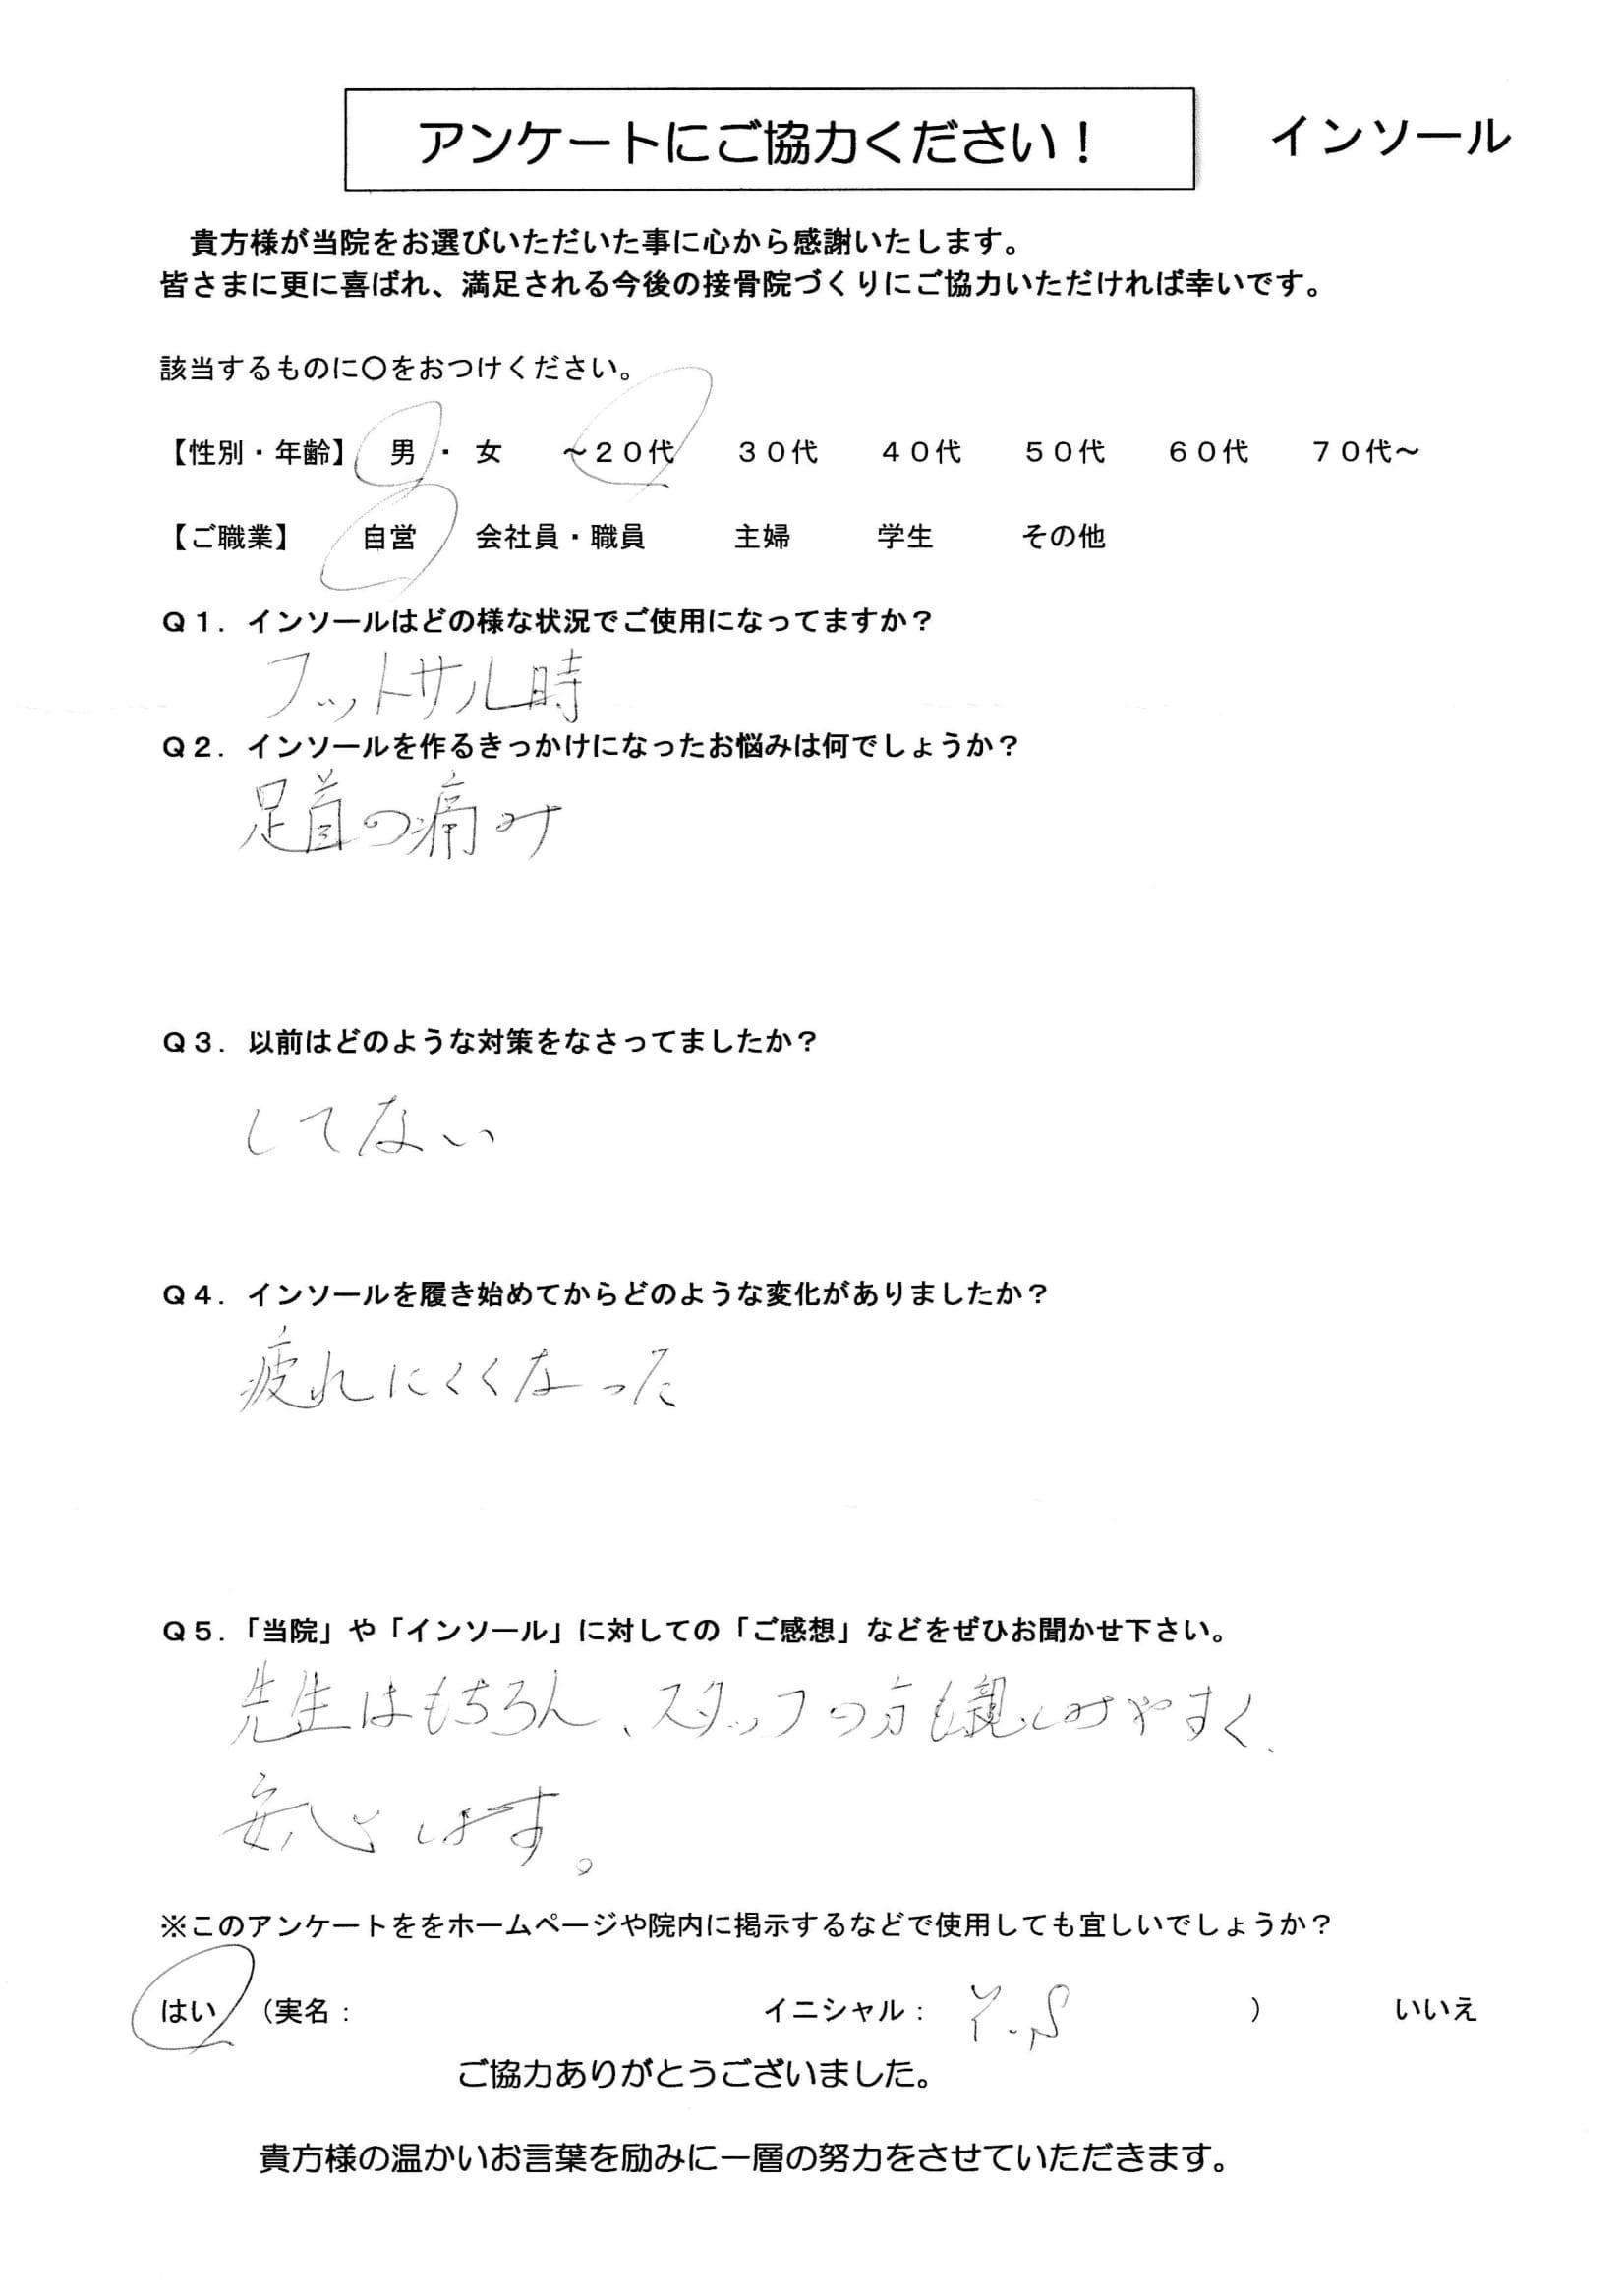 インソール アンケート 20代(男)(YSさん)-1